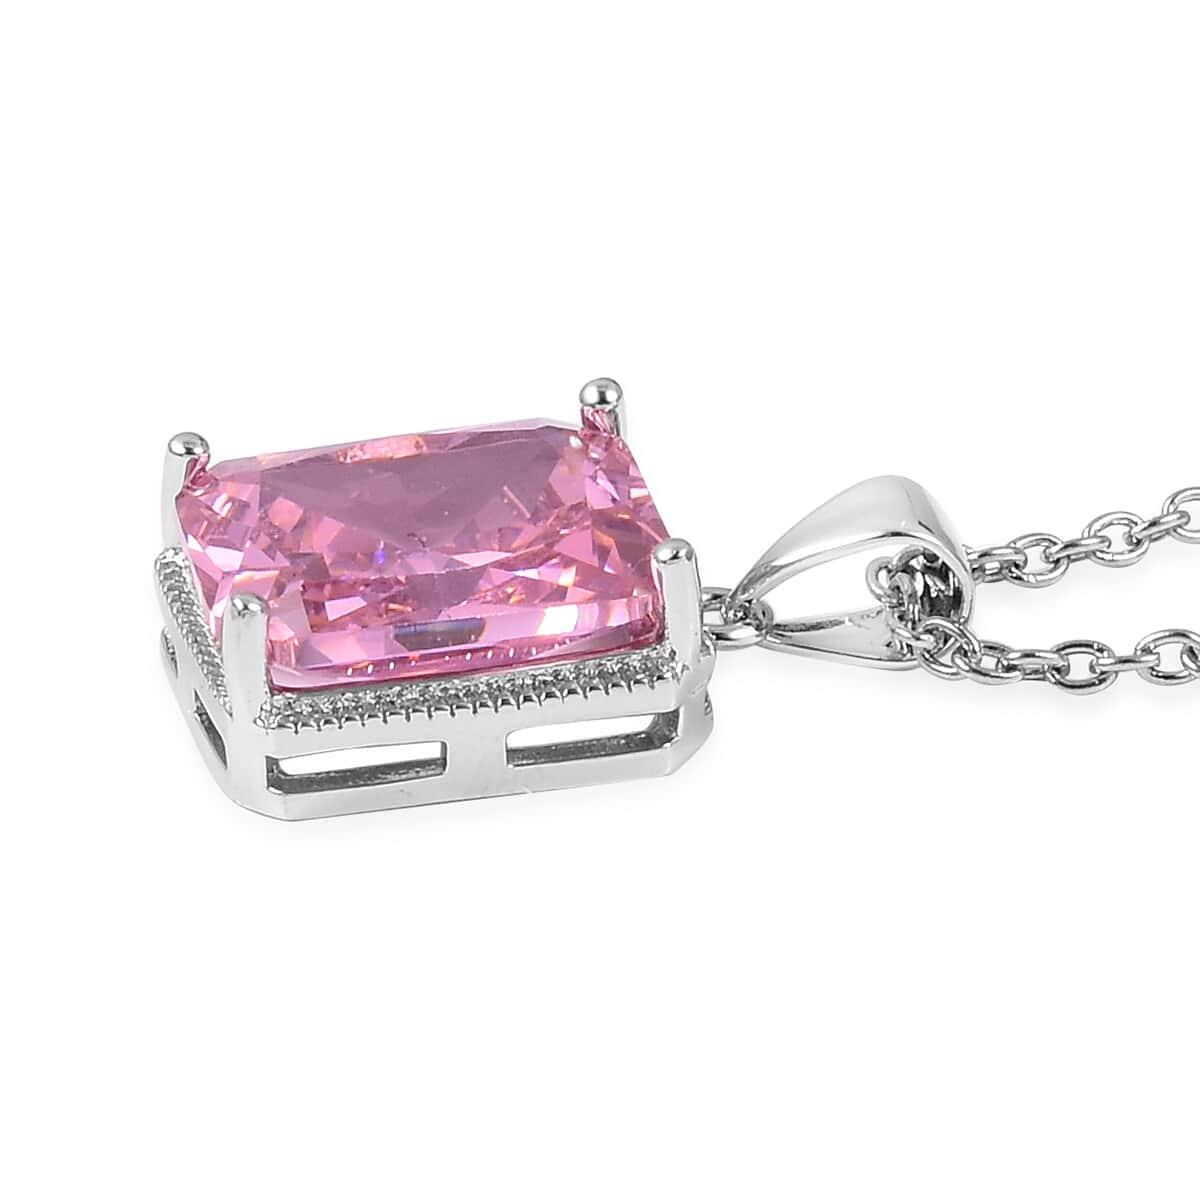 12-Color-Options-Cubic-Zirconia-Bracelet-Chain-Pendant-Necklace-Set-Adjustable thumbnail 67